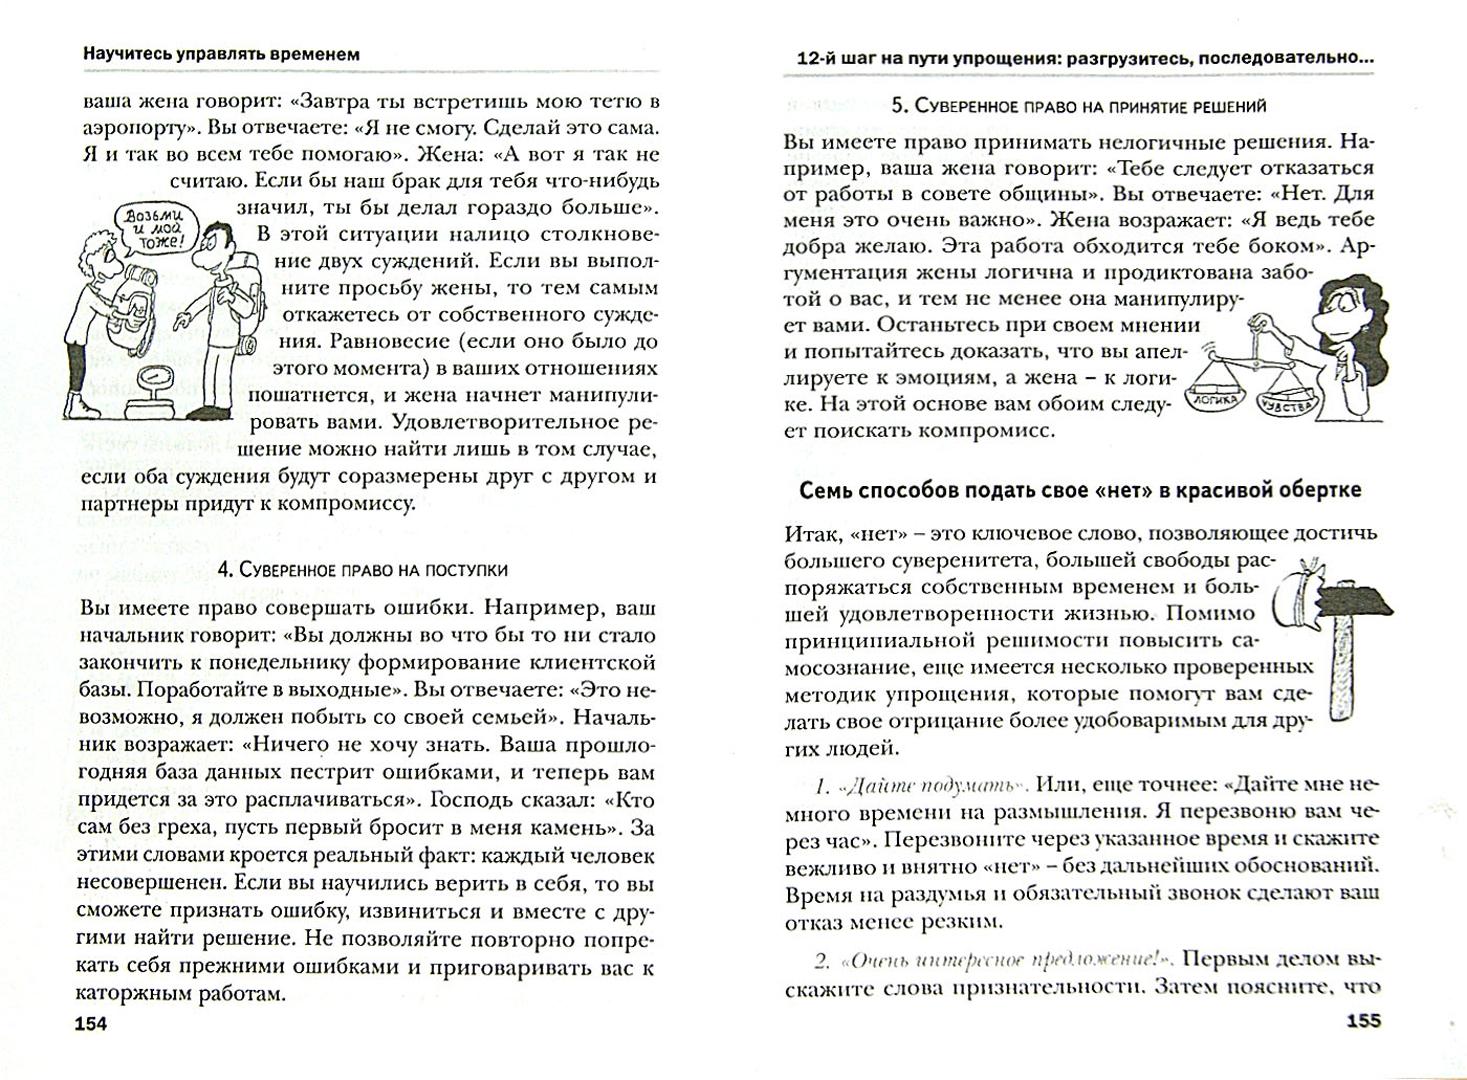 Иллюстрация 1 из 16 для Упрости свою жизнь. Жить проще и счастливее. Семь способов жить без проблем - Кюстенмахер, Лотар | Лабиринт - книги. Источник: Лабиринт